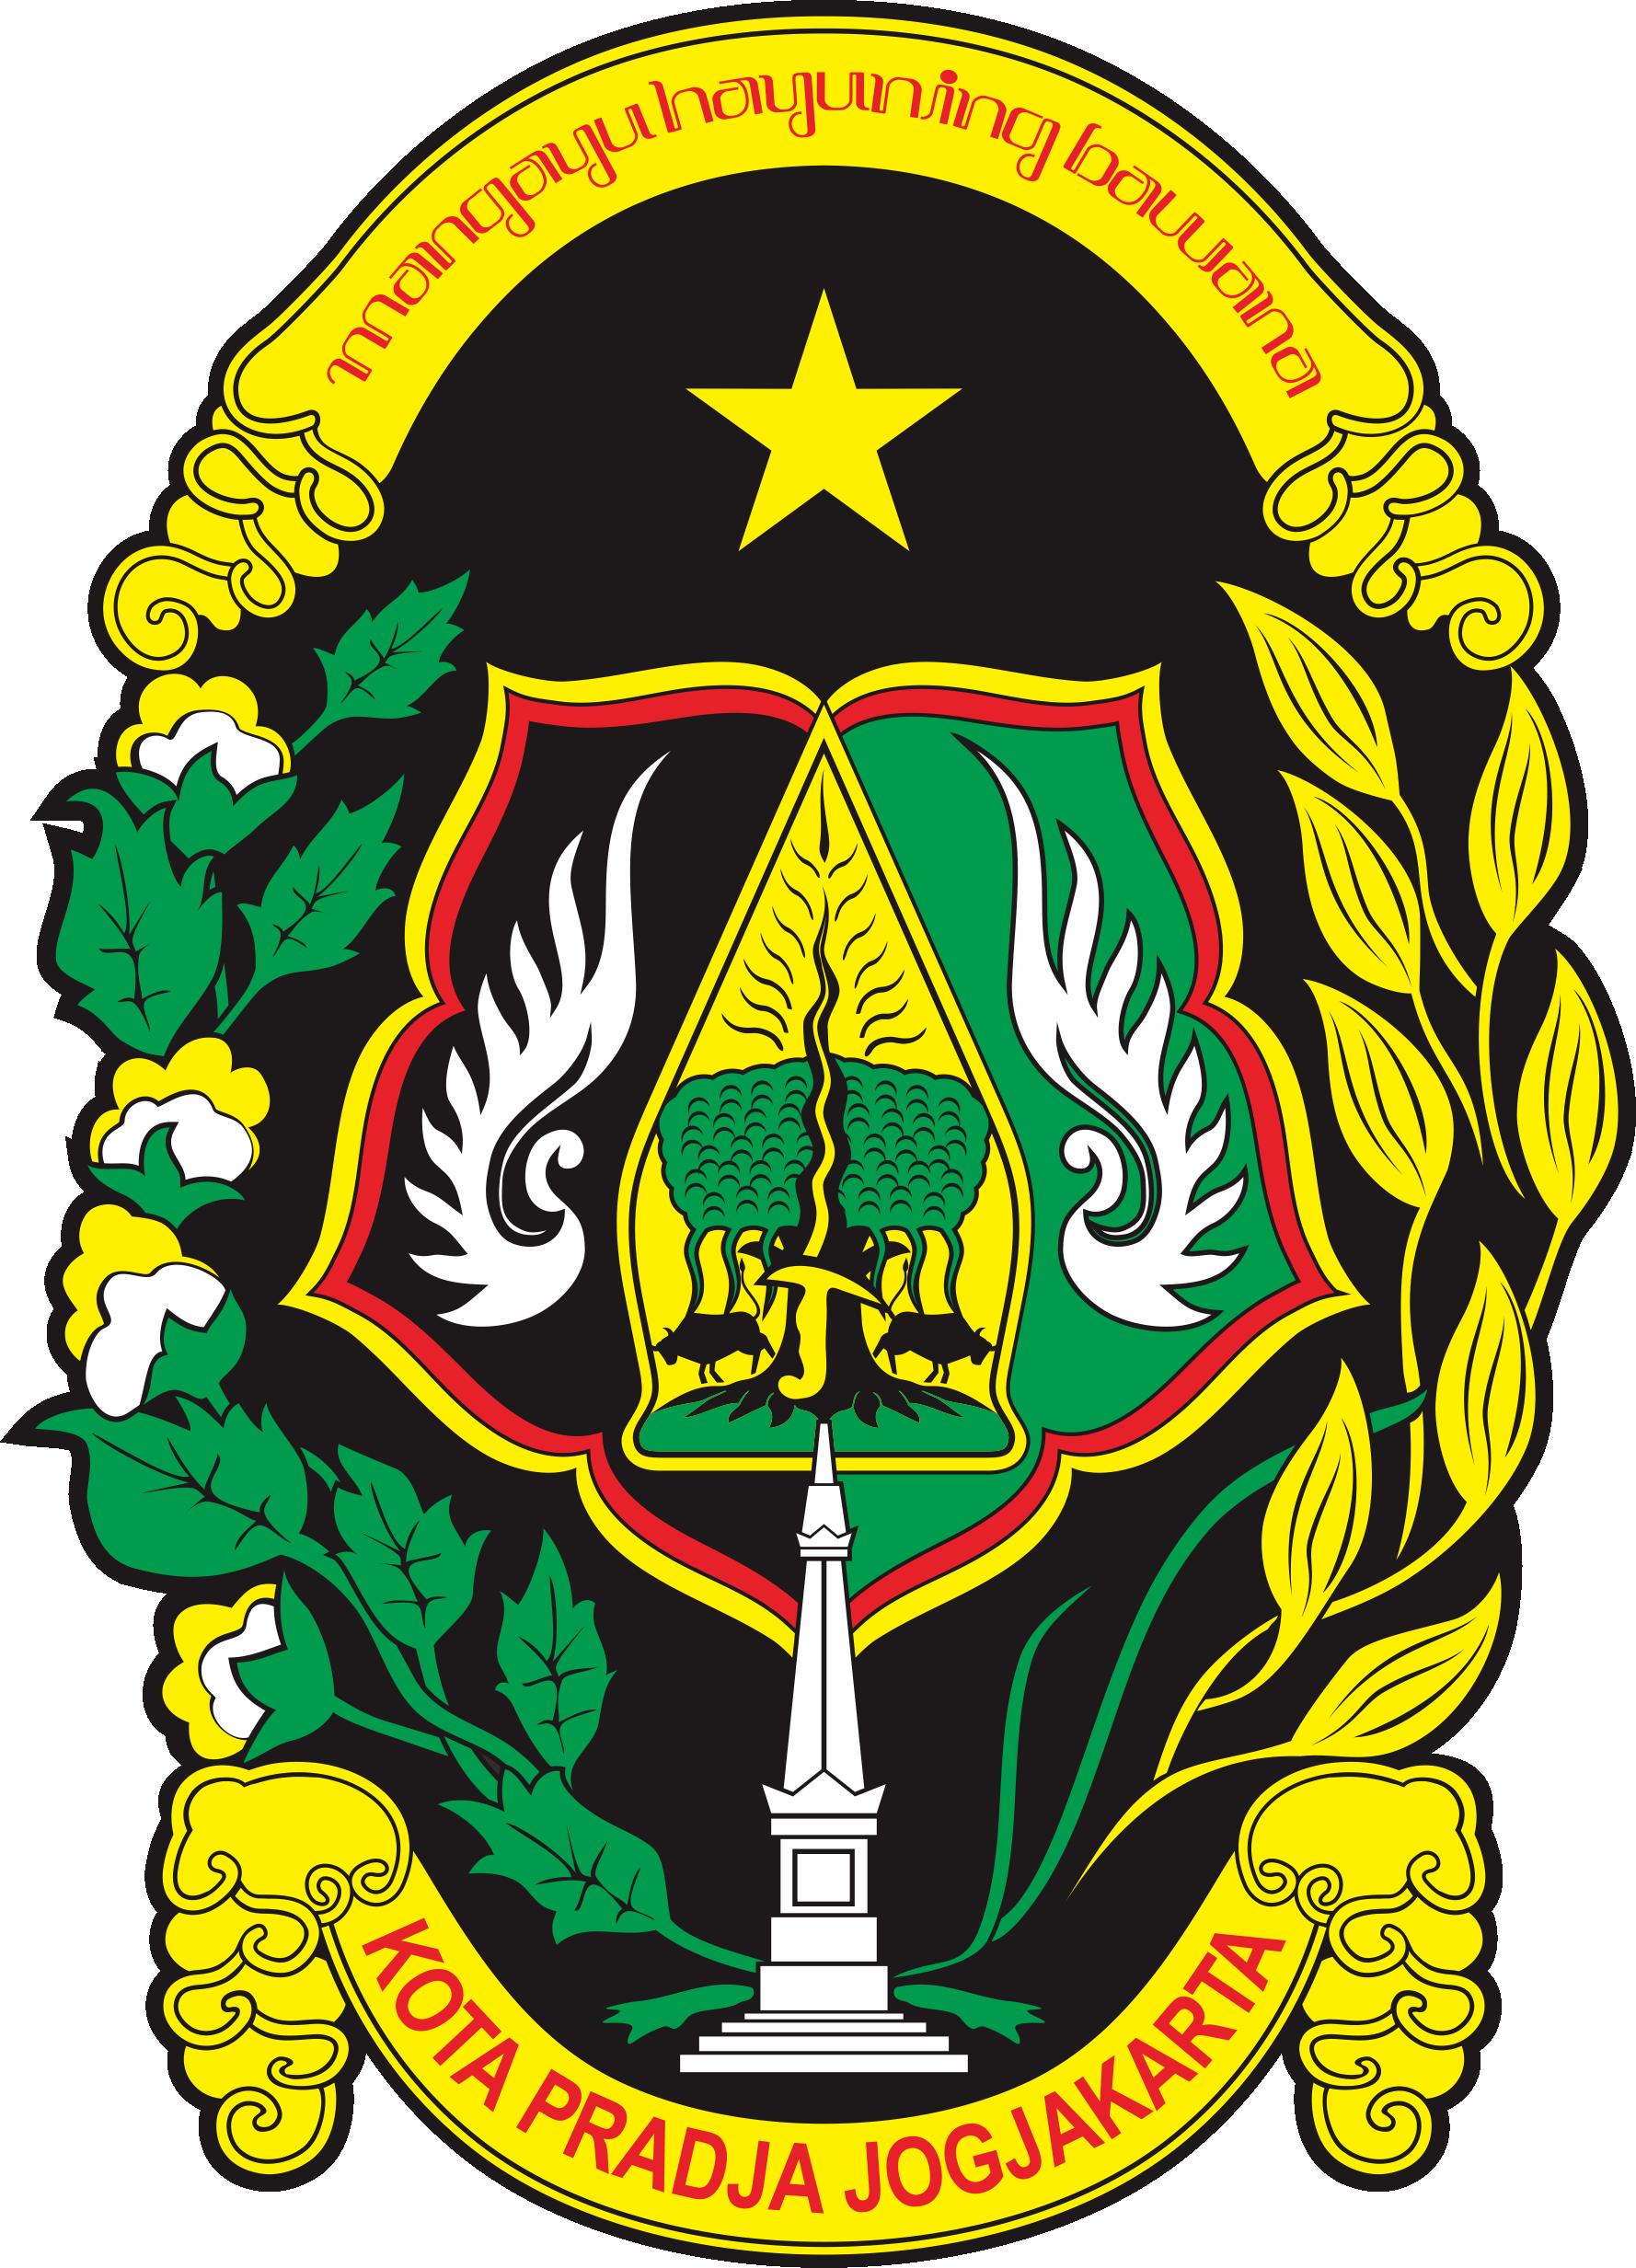 Dinas Sosial Tenaga Kerja dan Transmigrasi Kota Yogyakarta